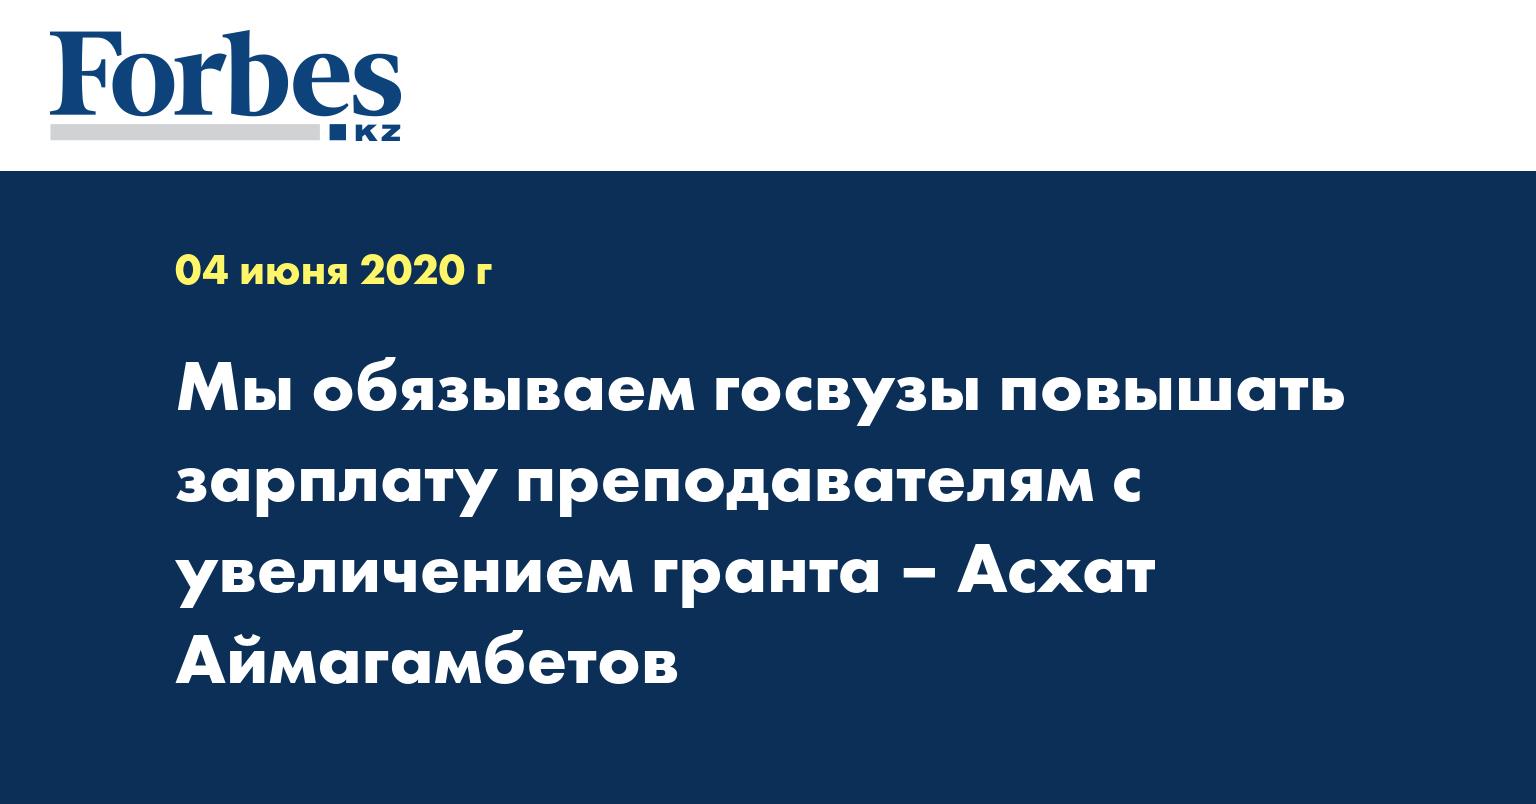 Мы обязываем госвузы повышать зарплату преподавателям с увеличением гранта – Асхат Аймагамбетов